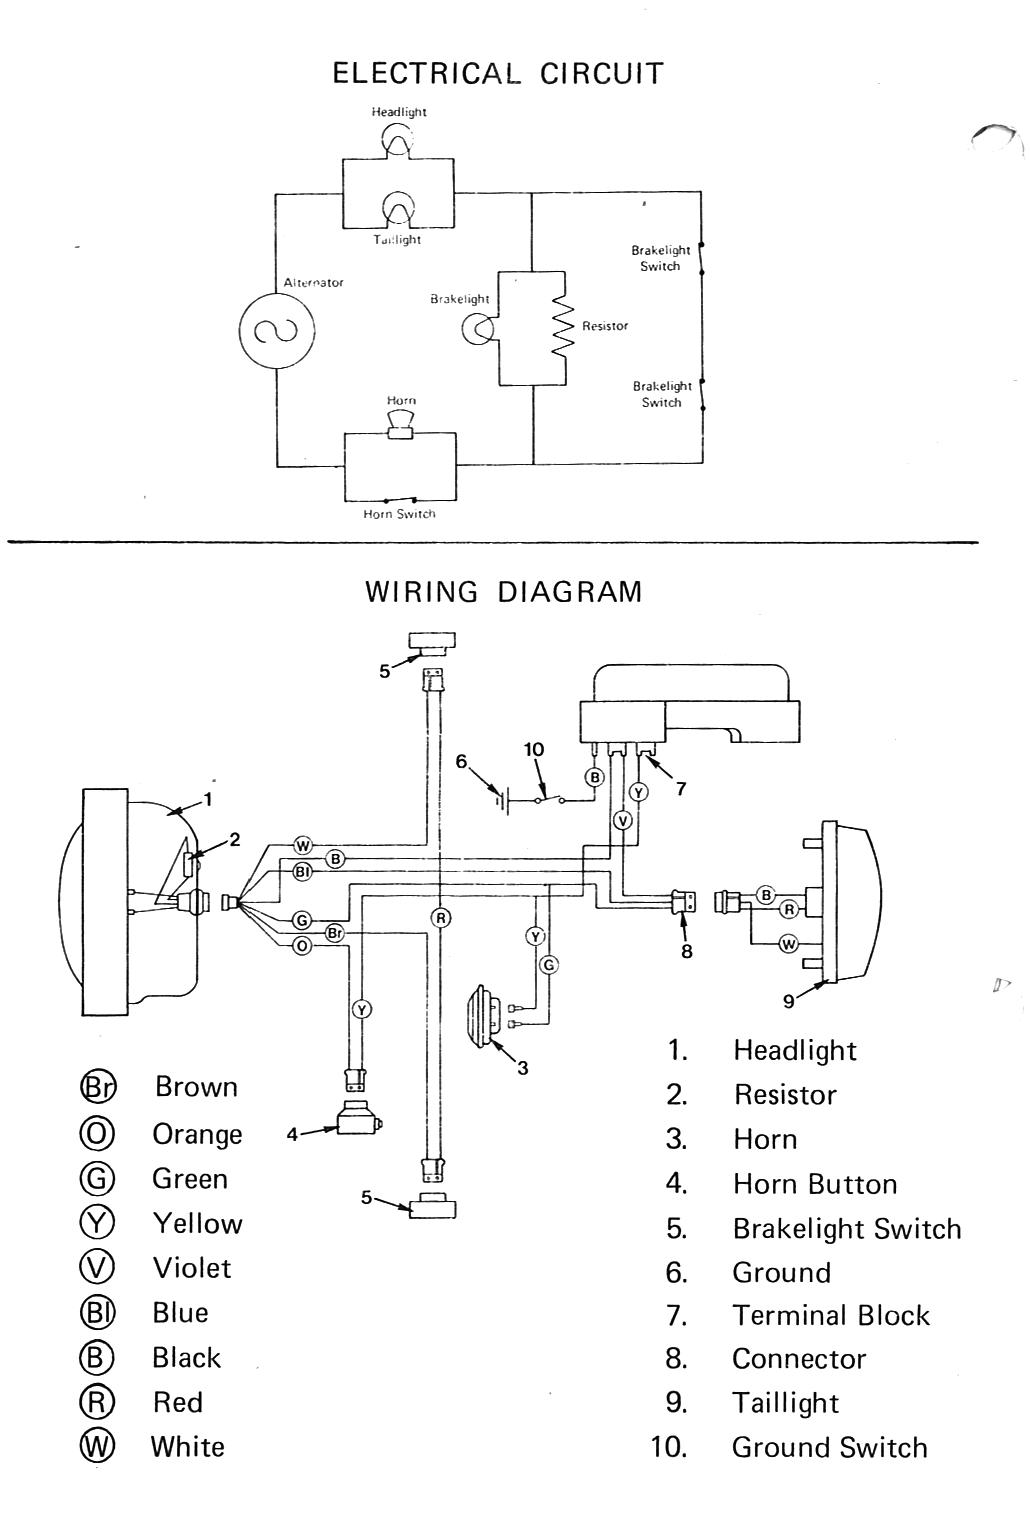 Moped Wiring Diagram Honda Moped Diagram Wiring Diagram Basic